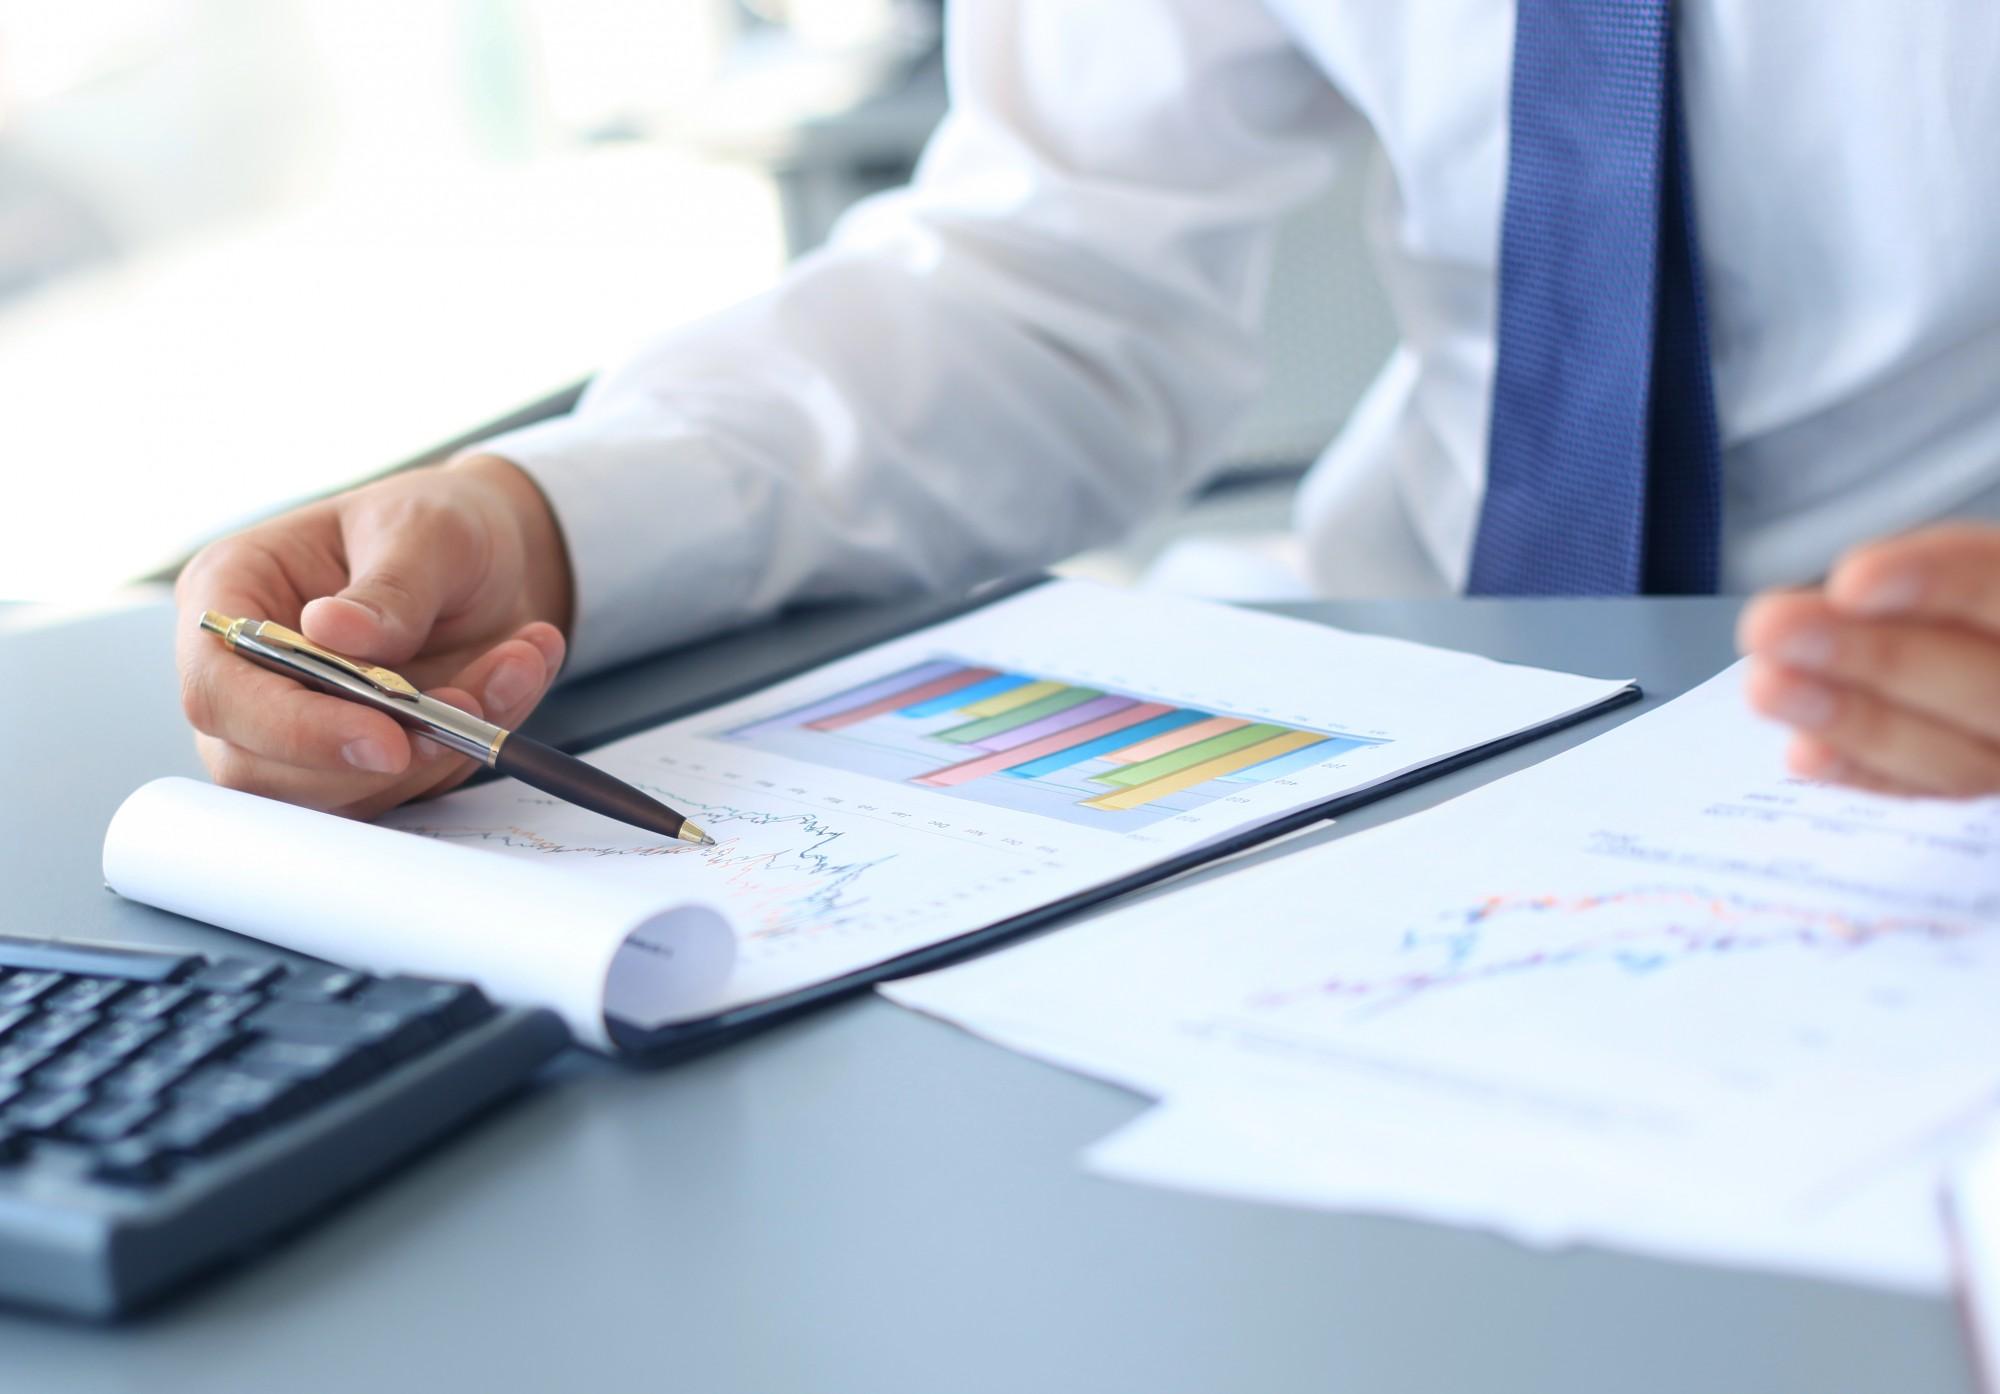 Kompilasi laporan keuangan